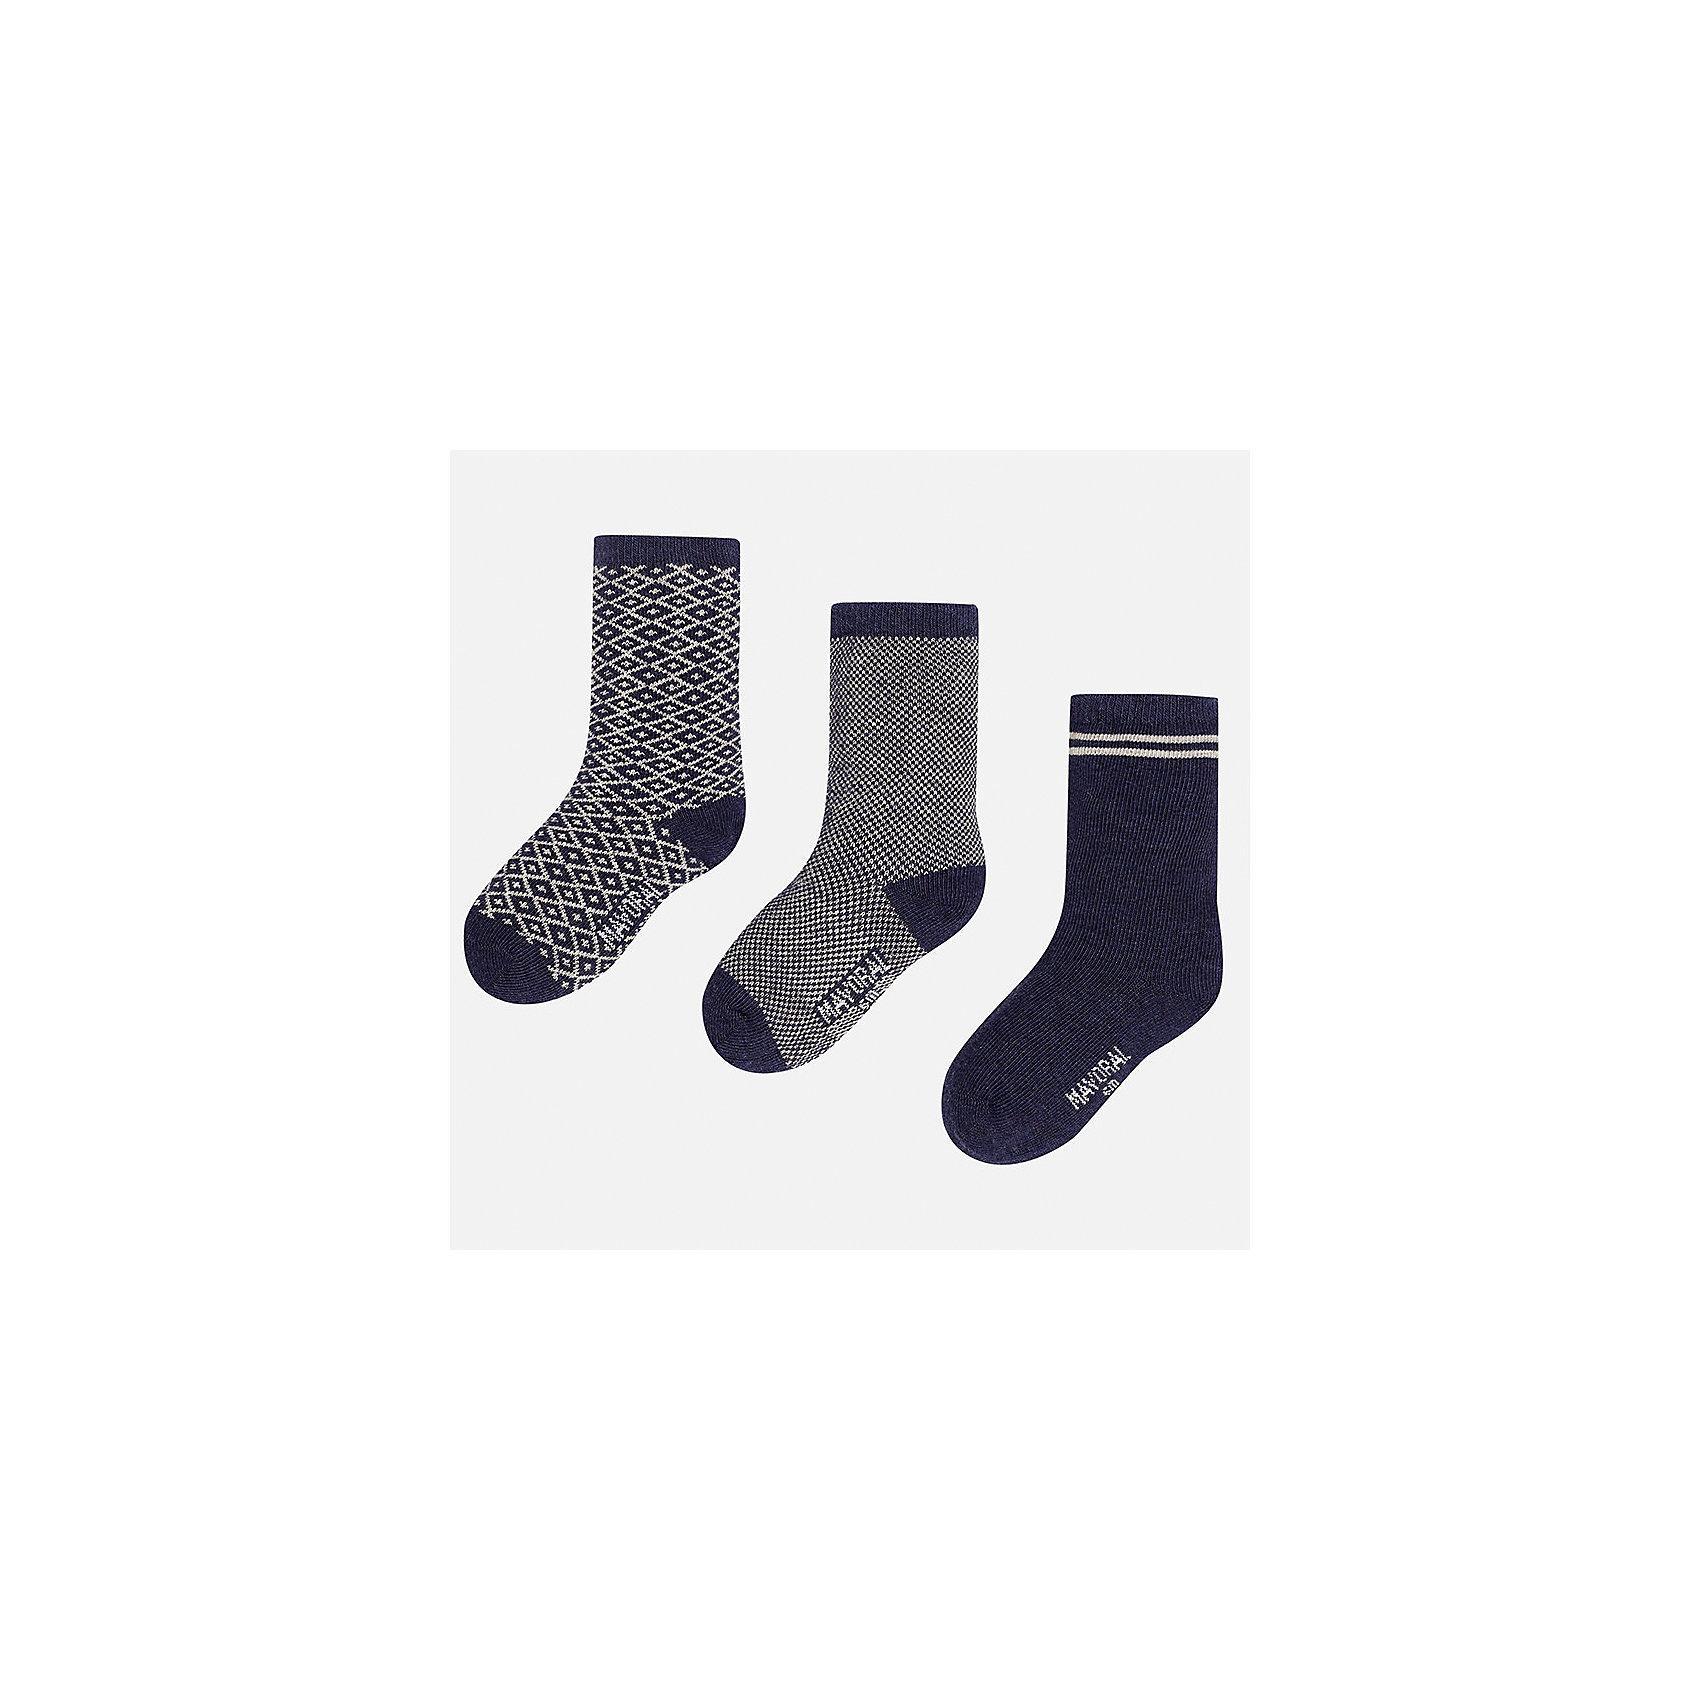 Носки (3 пары) для мальчика MayoralНоски<br>Характеристики товара:<br><br>• цвет: синий/серый<br>• состав ткани: 75% хлопок, 22% полиамид, 3% эластан<br>• сезон: круглый год<br>• комплектация: 3 пары<br>• страна бренда: Испания<br>• страна изготовитель: Индия<br><br>Удобные носки для мальчика от популярного бренда Mayoral отличаются сдержанным декором. Детские носки смотрятся аккуратно и нарядно. В таких носках для детей от испанской компании Майорал ребенок будет выглядеть модно, а чувствовать себя - комфортно. <br><br>Носки (3 пары) для мальчика Mayoral (Майорал) можно купить в нашем интернет-магазине.<br><br>Ширина мм: 87<br>Глубина мм: 10<br>Высота мм: 105<br>Вес г: 115<br>Цвет: сине-серый<br>Возраст от месяцев: 18<br>Возраст до месяцев: 24<br>Пол: Мужской<br>Возраст: Детский<br>Размер: 22-24,19-22<br>SKU: 6939046